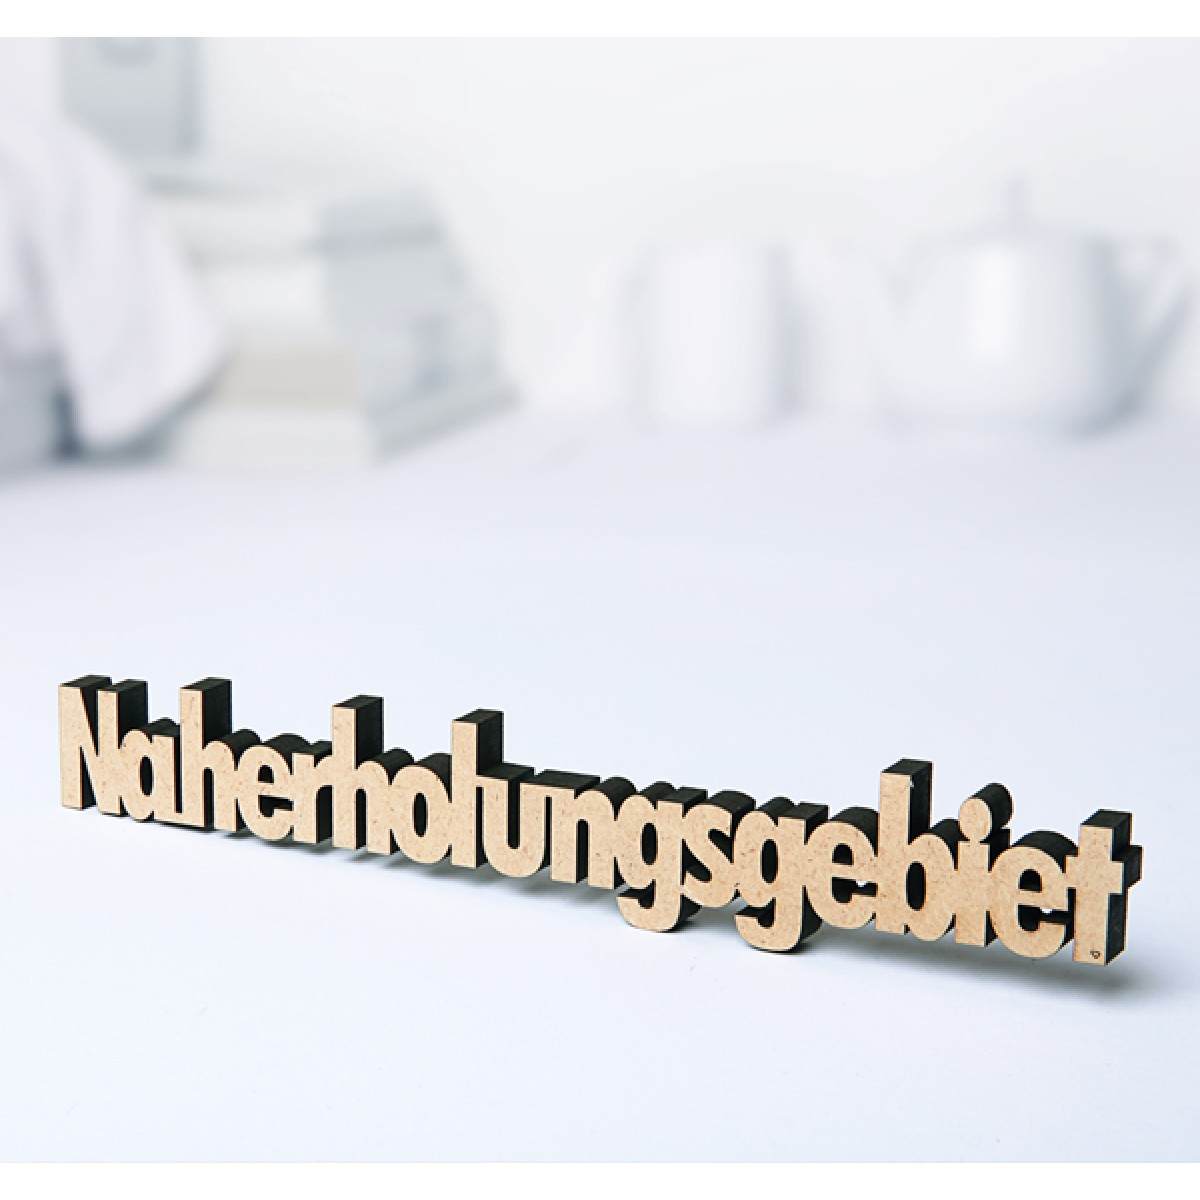 NOGALLERY Naherholungsgebiet - Deko Schriftzug Holz